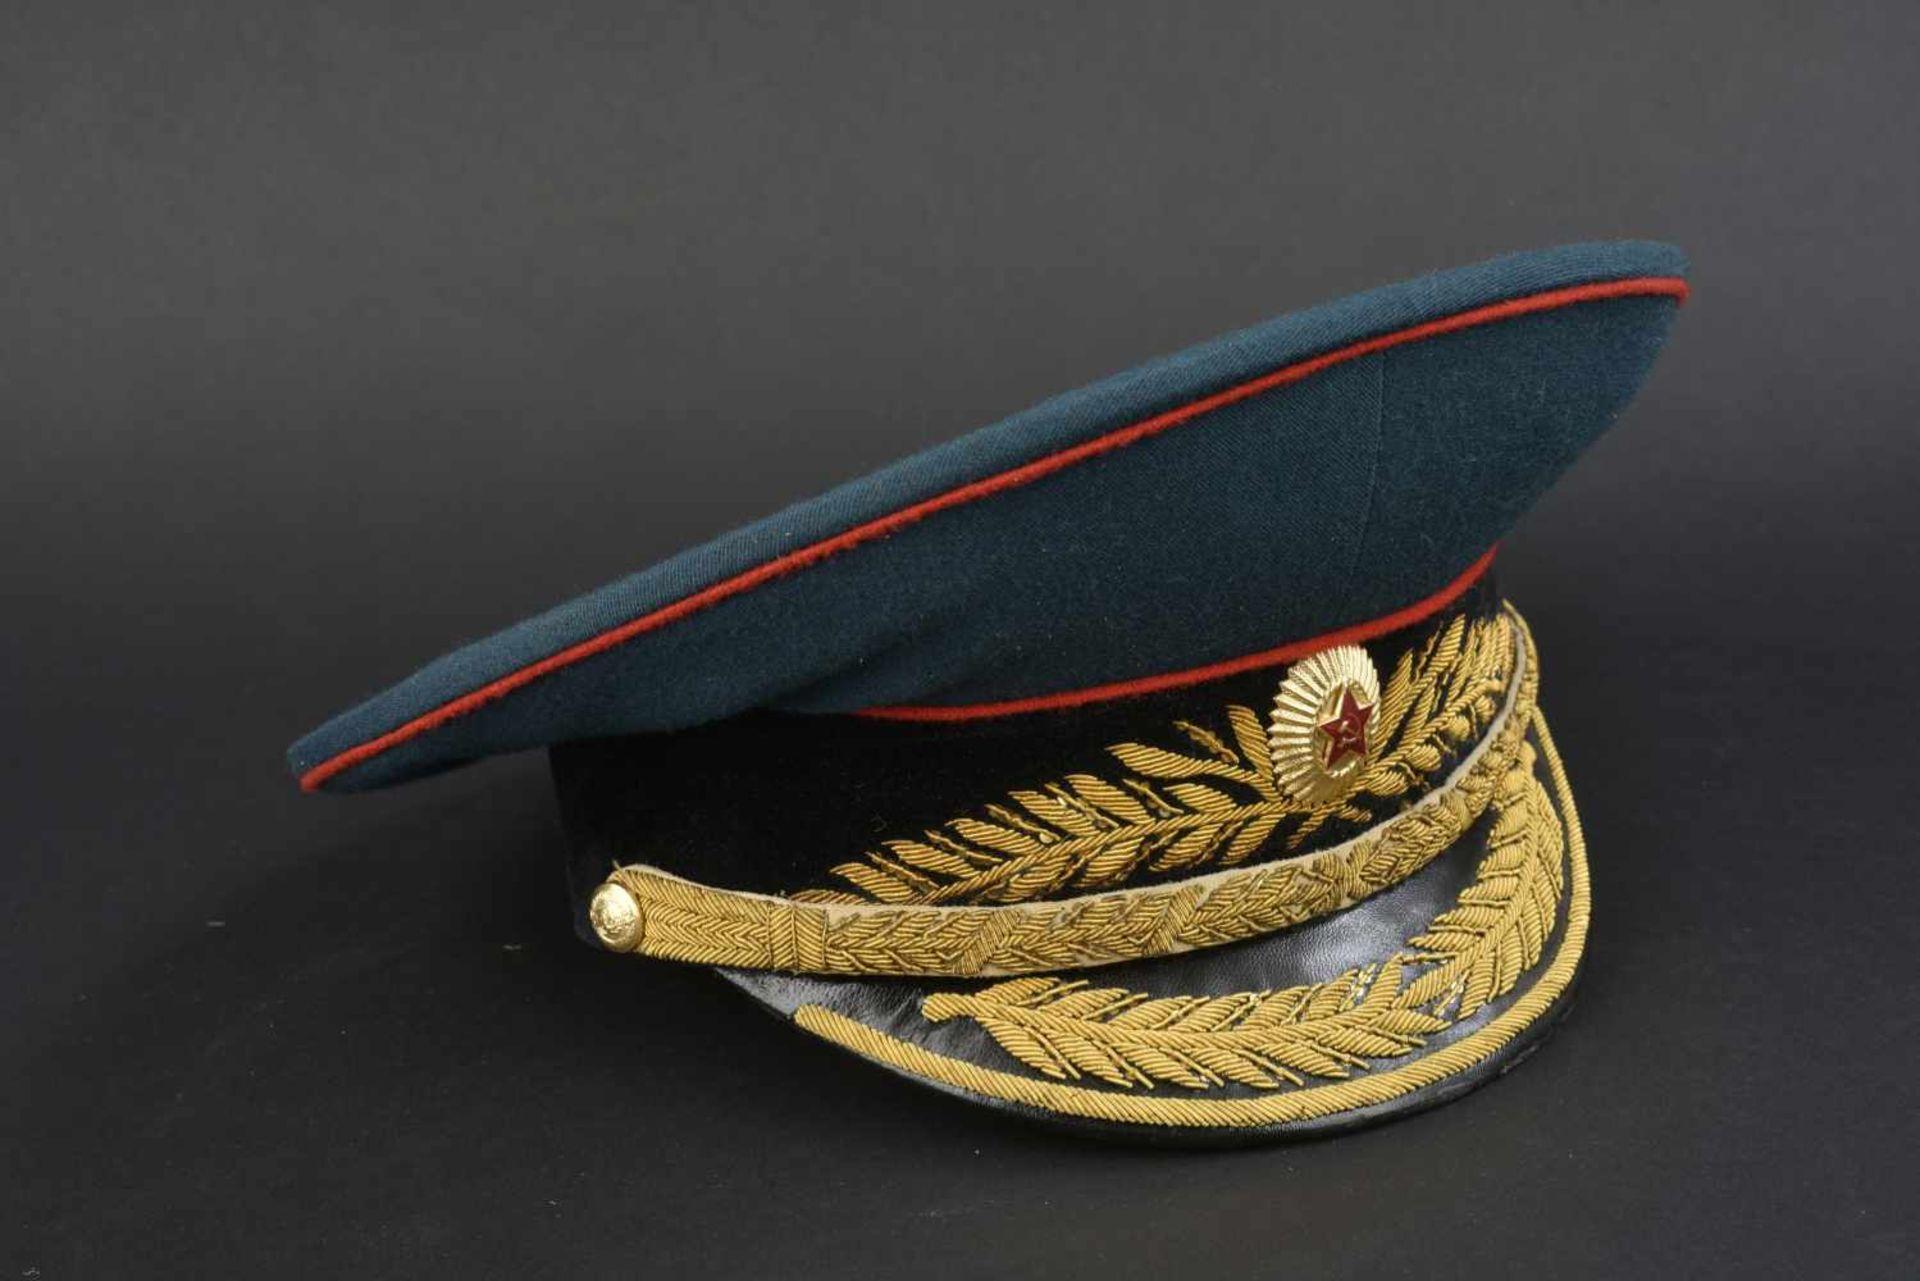 Los 50 - Casquette de général d'artillerie soviétique En tissu vert foncé, bandeau noir, insigne métalliques,